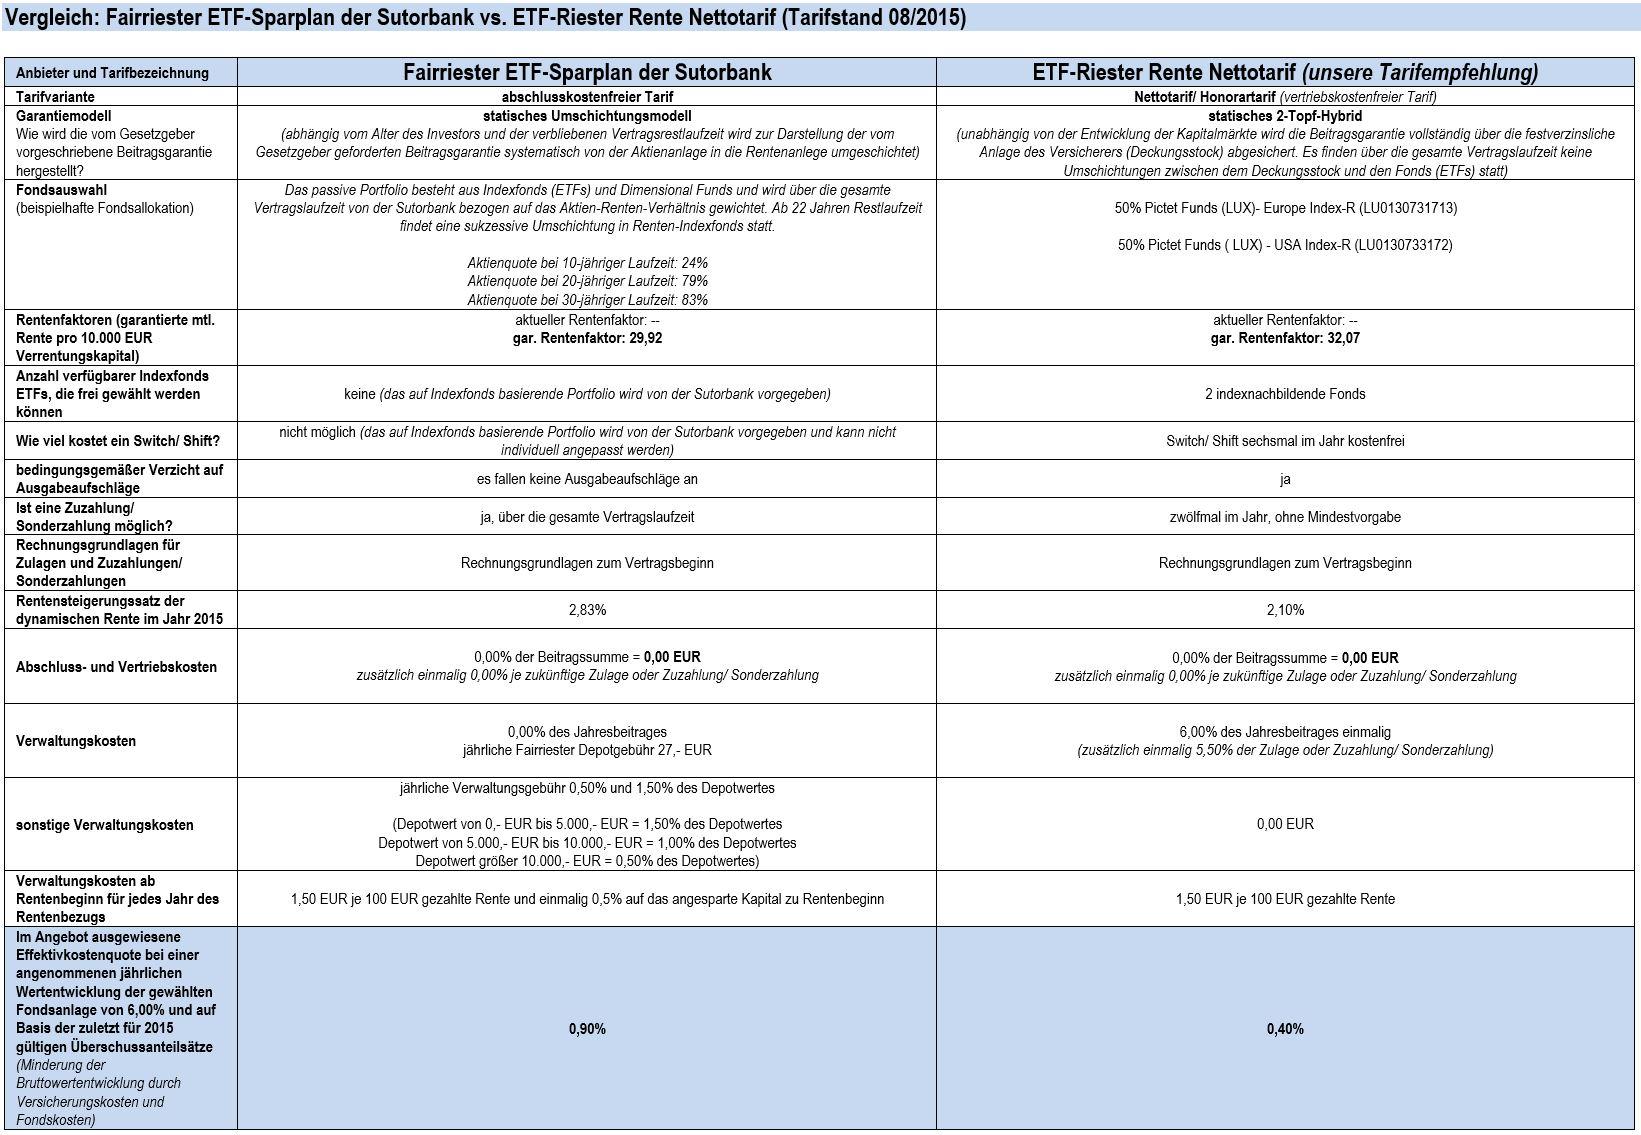 Vergleich_Fairreister-ETF-Sparplan_vs_ETF-RiesterRente-Nettotarif